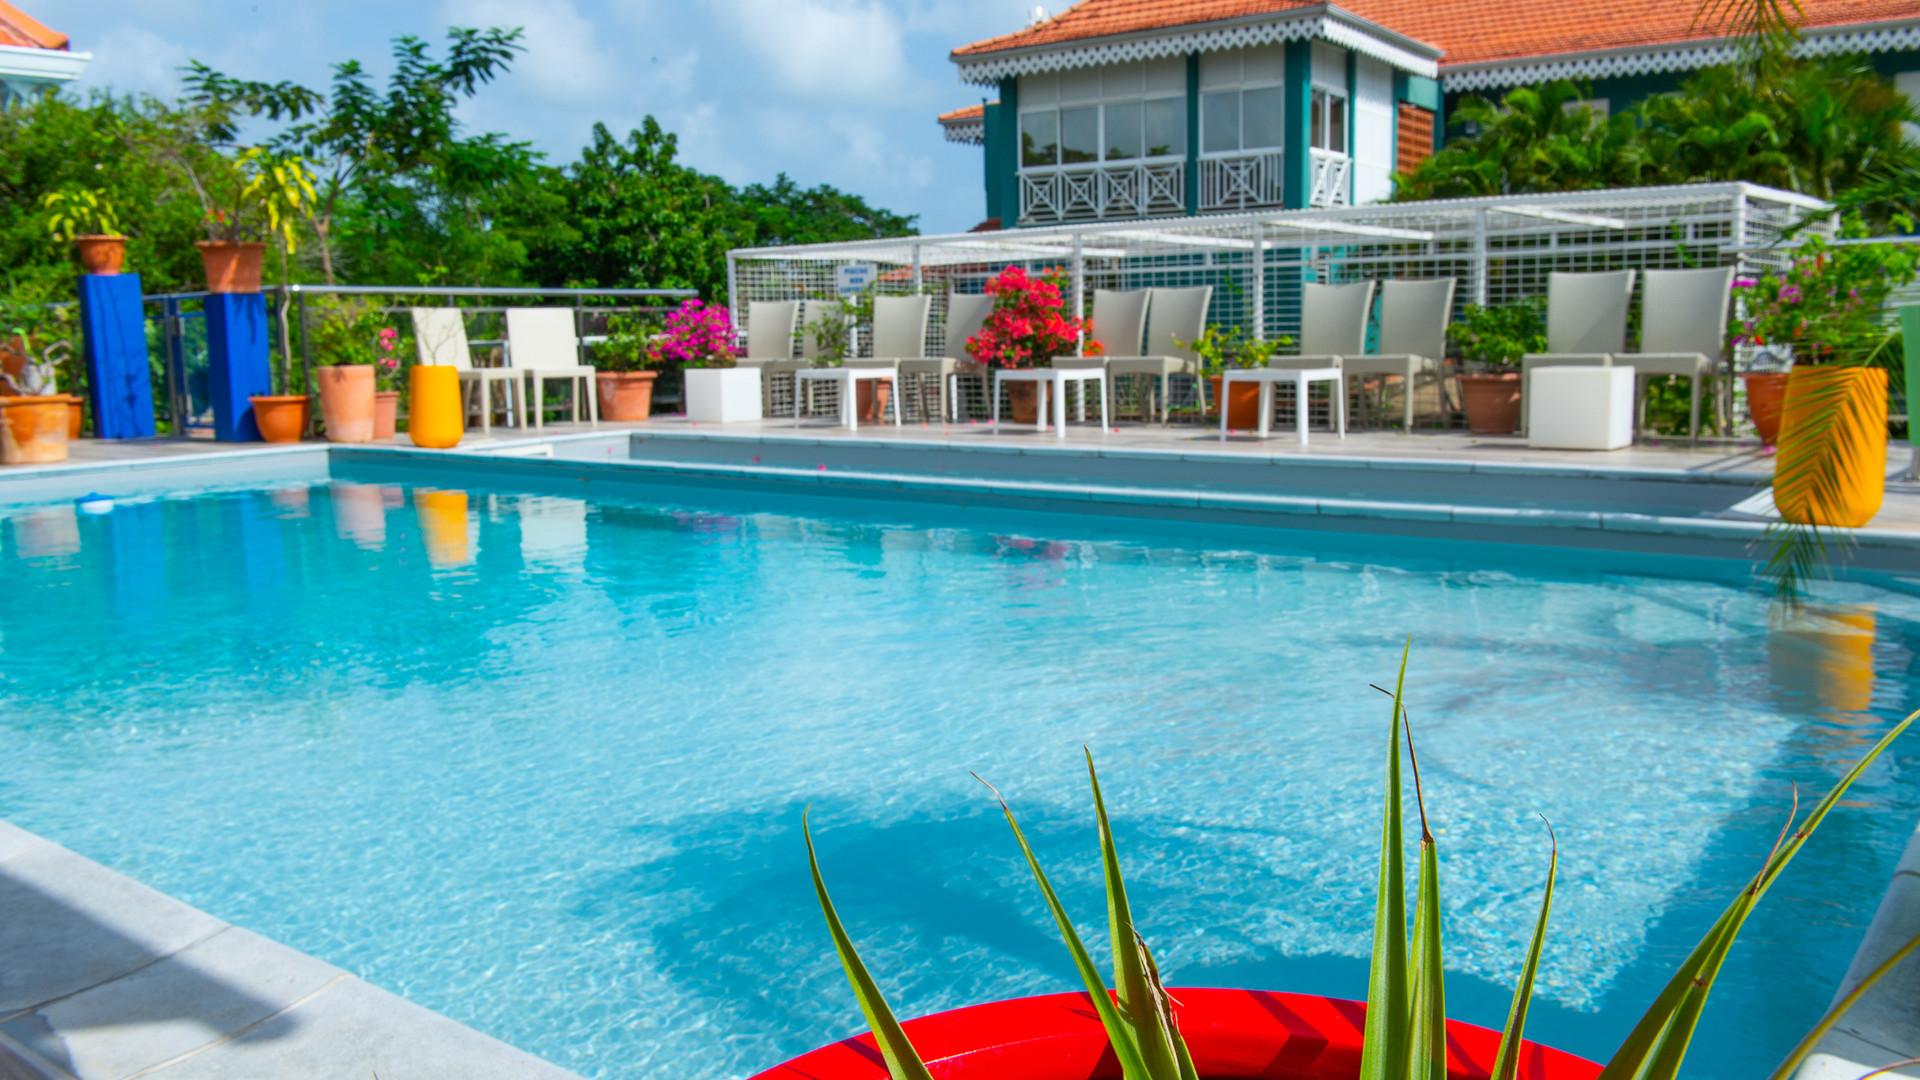 piscina212_8247.jpg